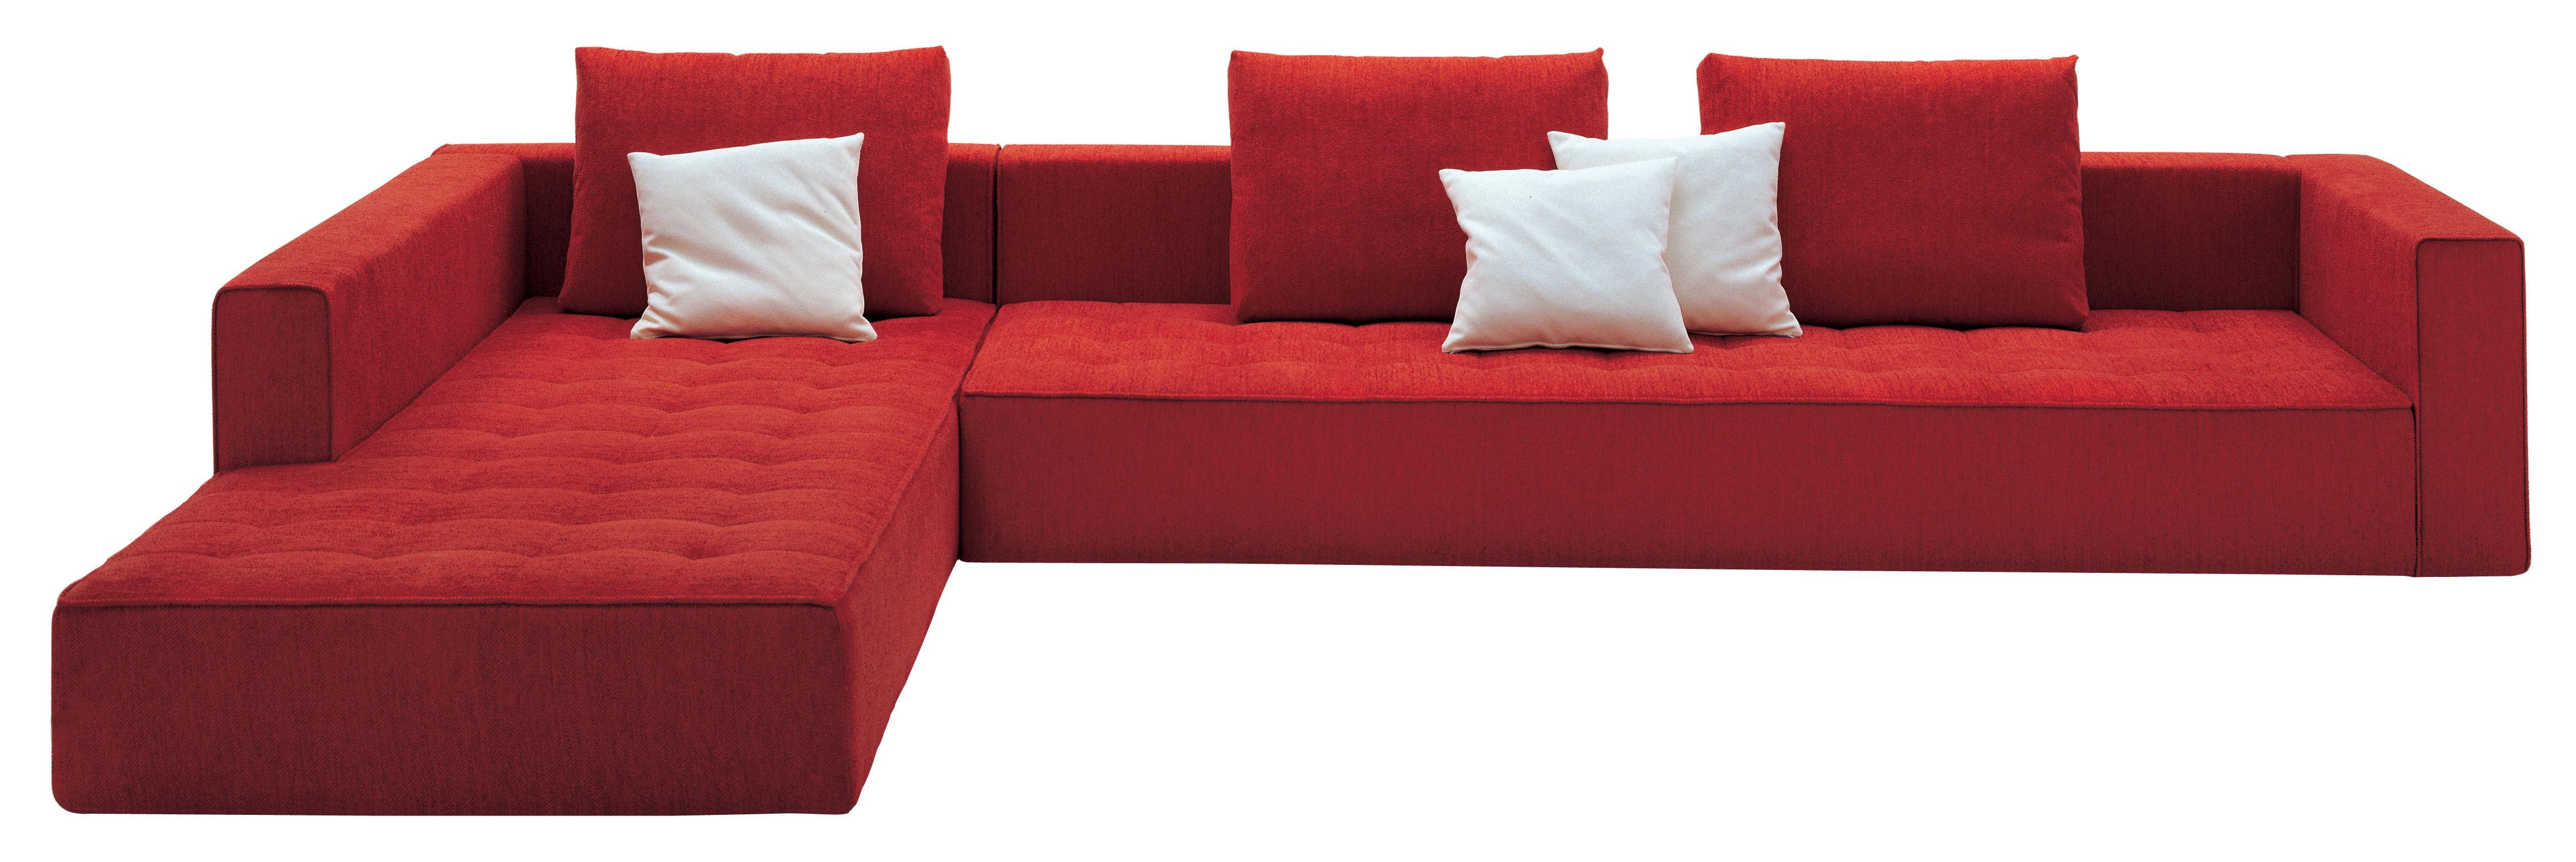 Möbel - Sofas - Kilt Ecksofa Stoff - Zanotta - Stoff - rot - Gewebe